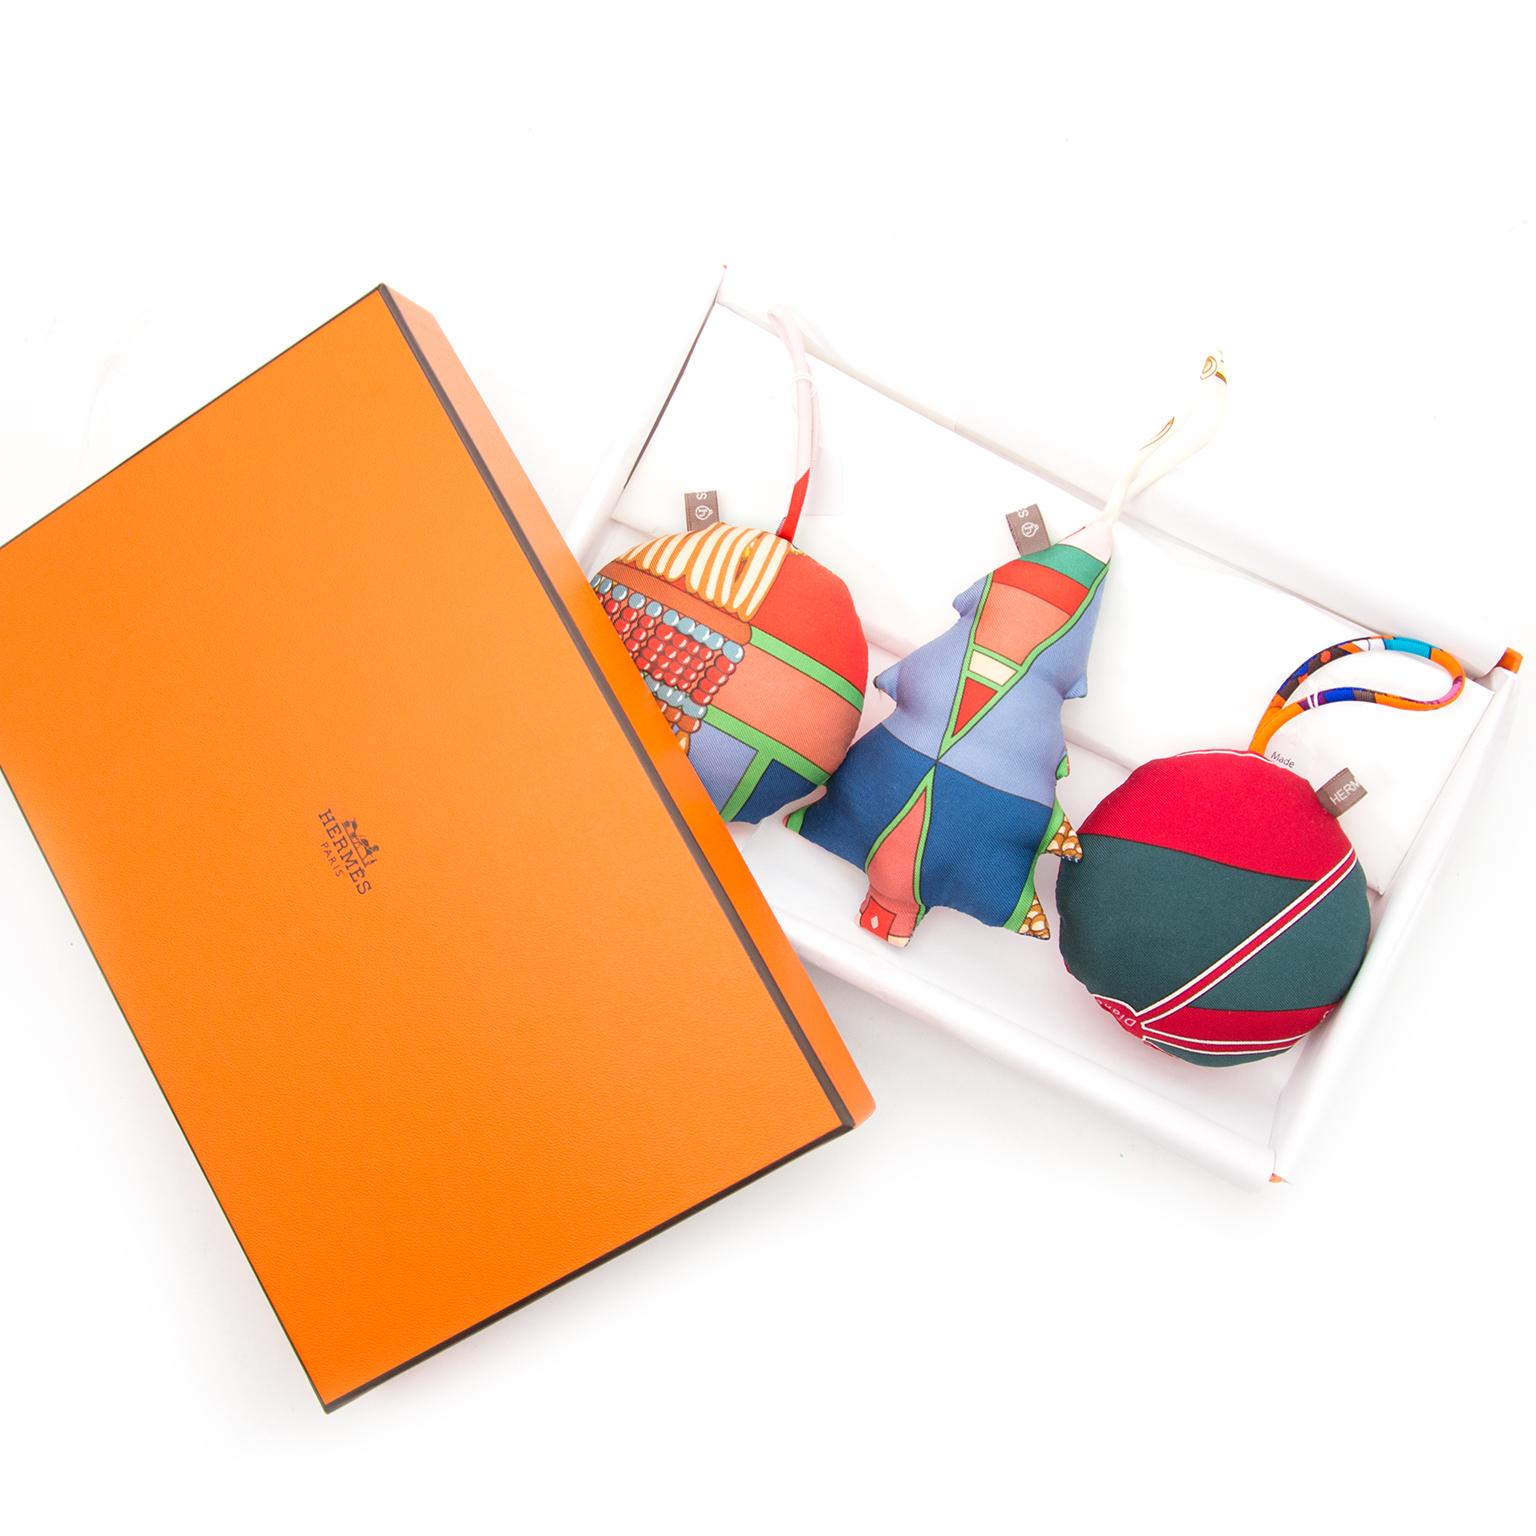 Gloednieuwe Hermès Petit H Versiering nu online op labellov.com tegen de beste prijs.